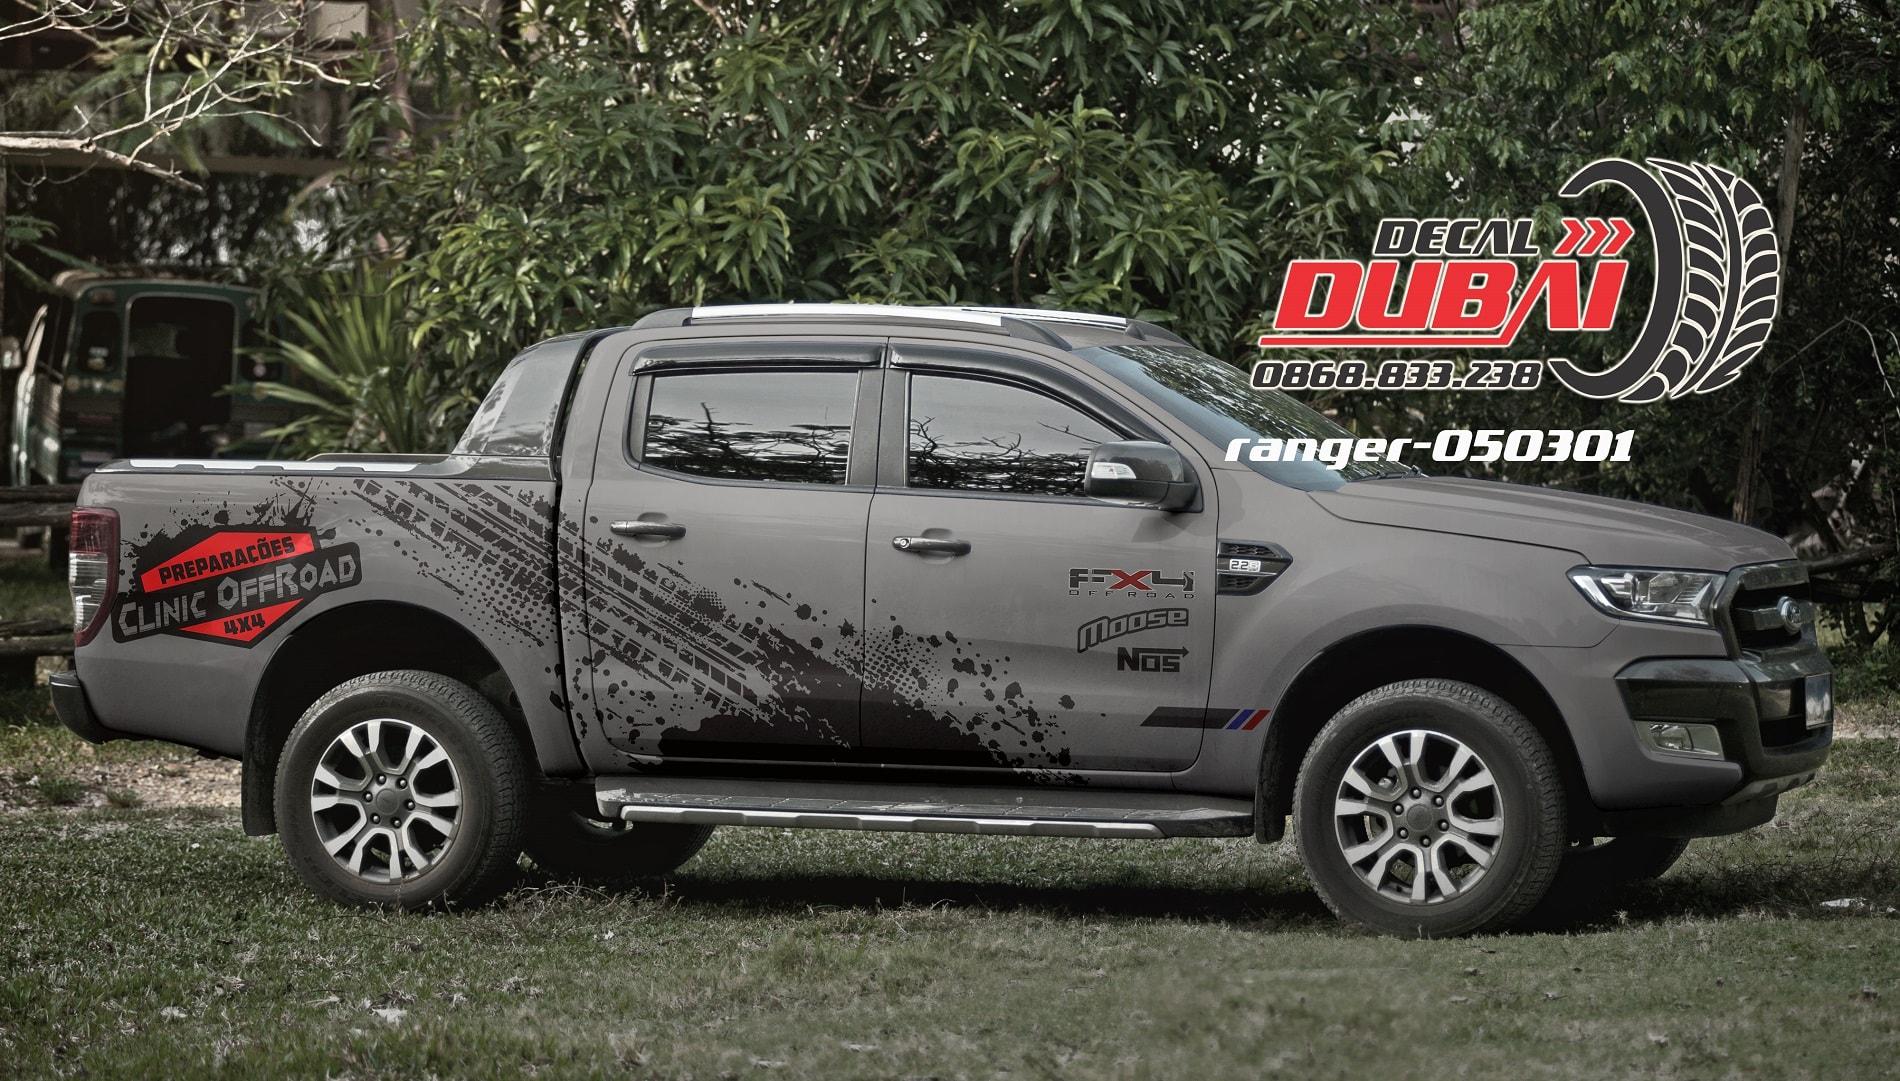 Tem-xe-ranger-050301.2-1650k-min